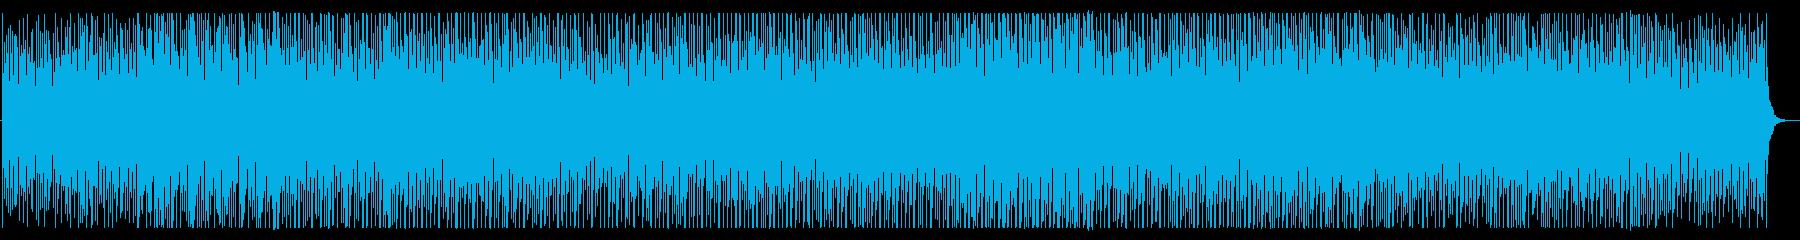 軽快で明るいトークBGM向けシンセ曲の再生済みの波形